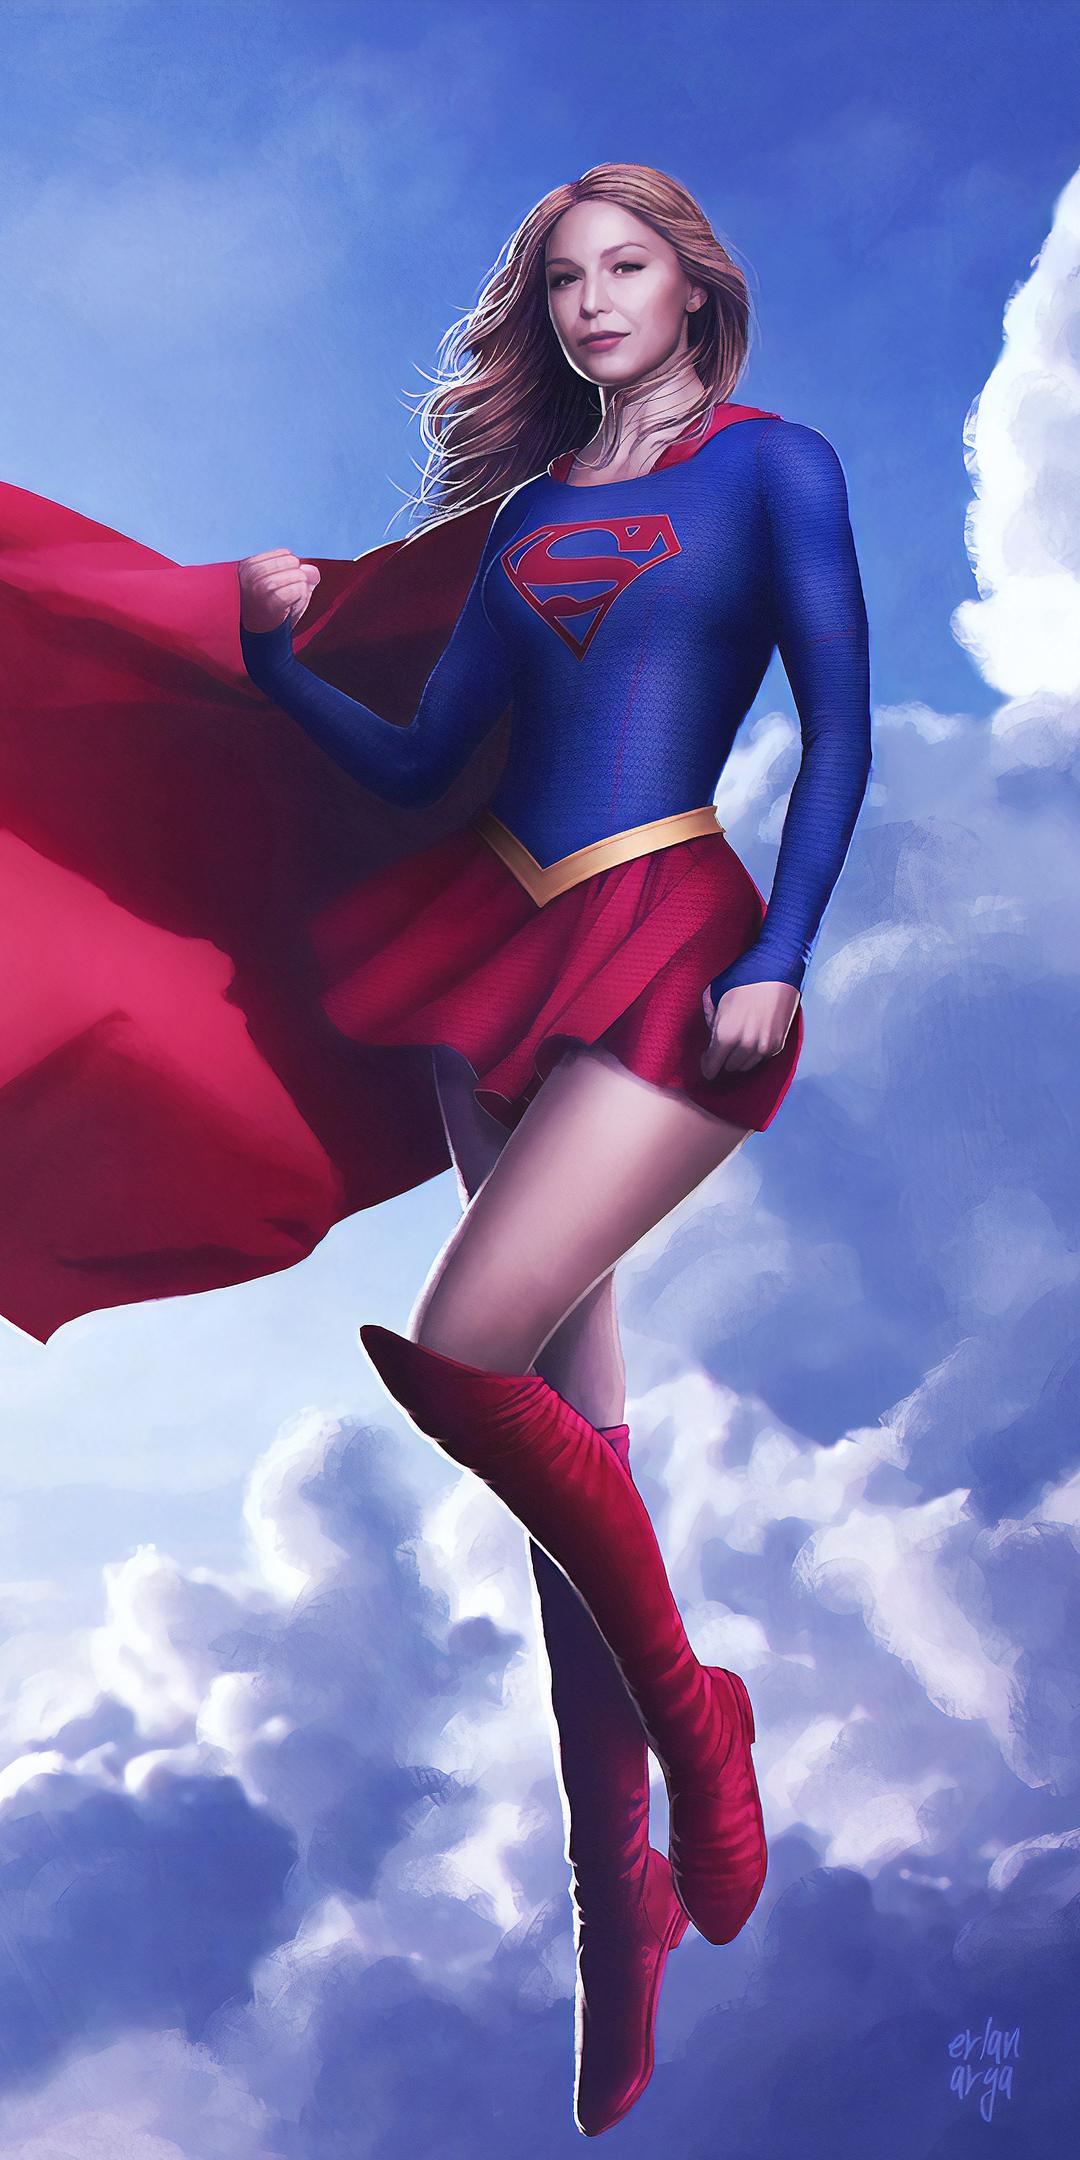 supergirl-flying-art-st.jpg